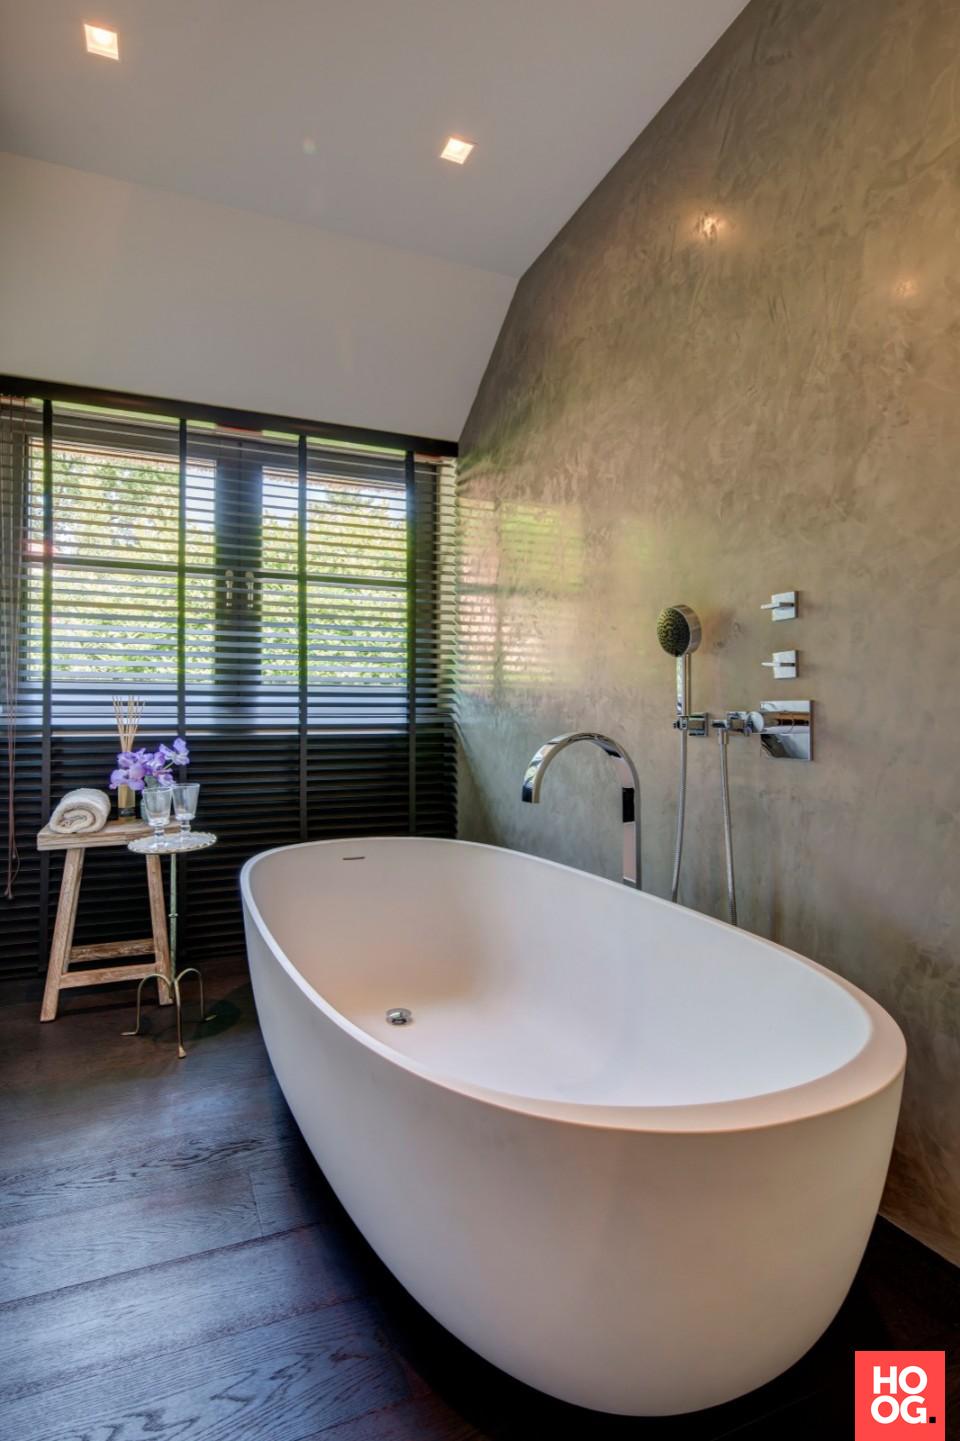 badkamer inrichting met luxe ligbad badkamer ideeen design